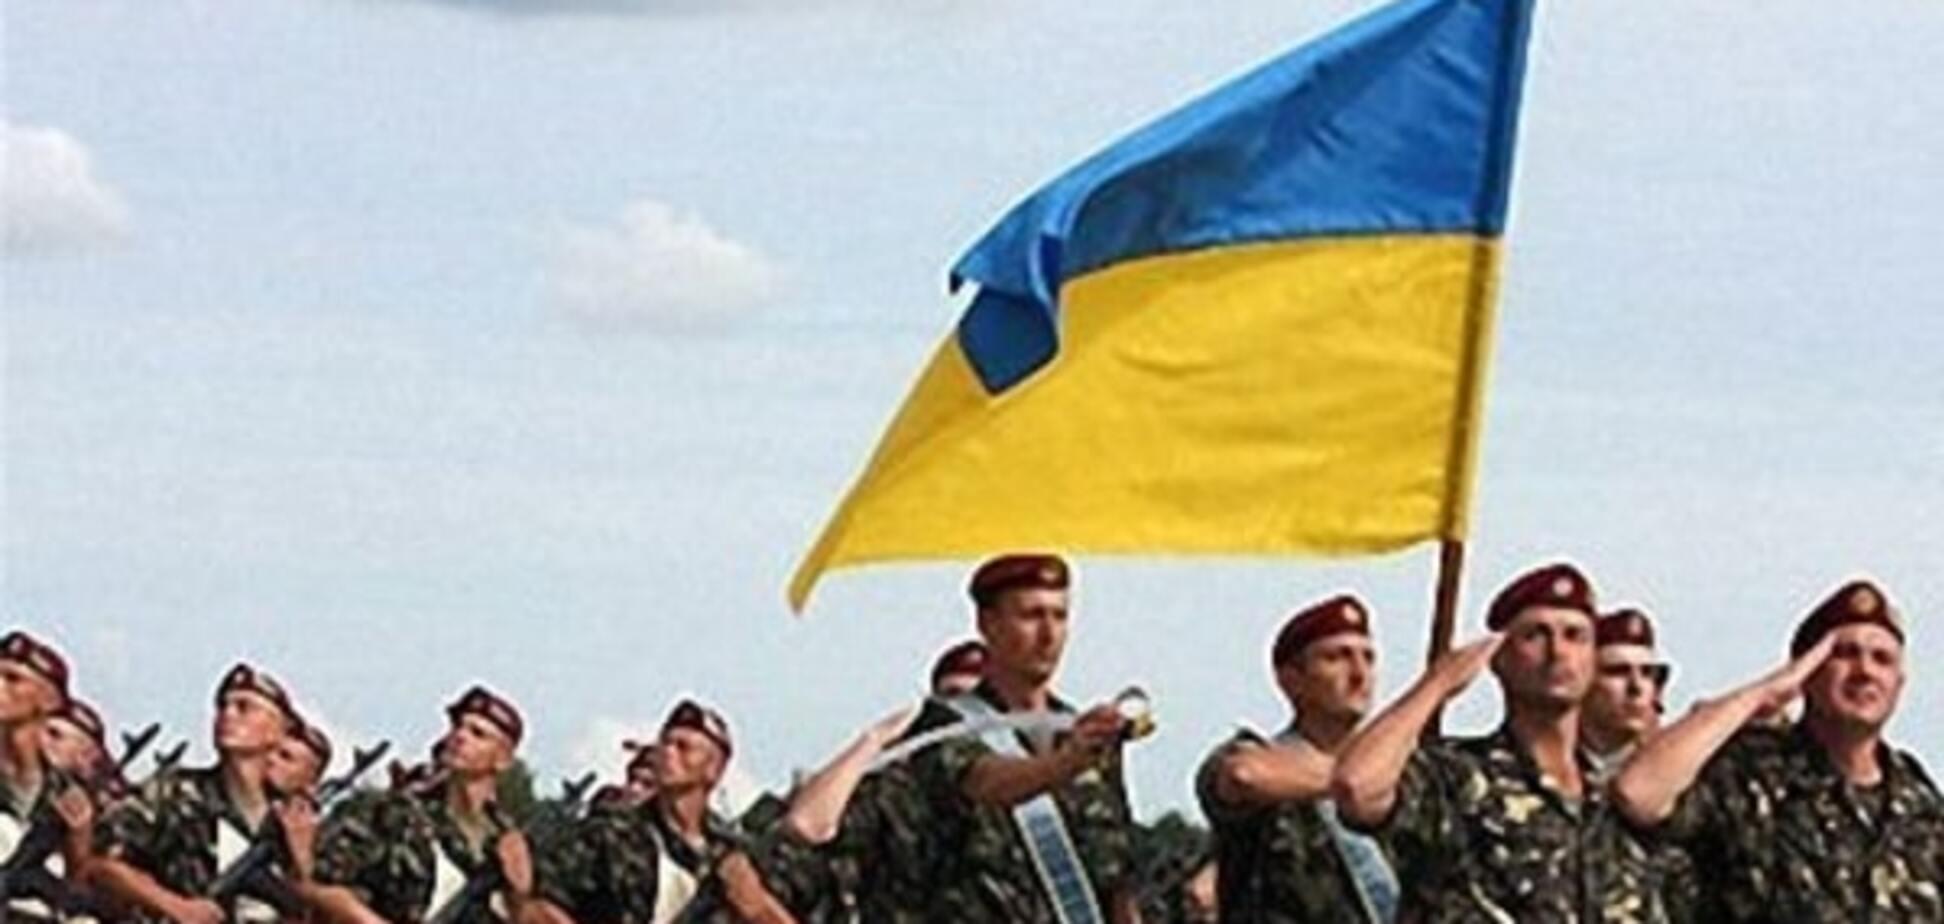 Мінфін хоче виділити на українську армію рекордну суму